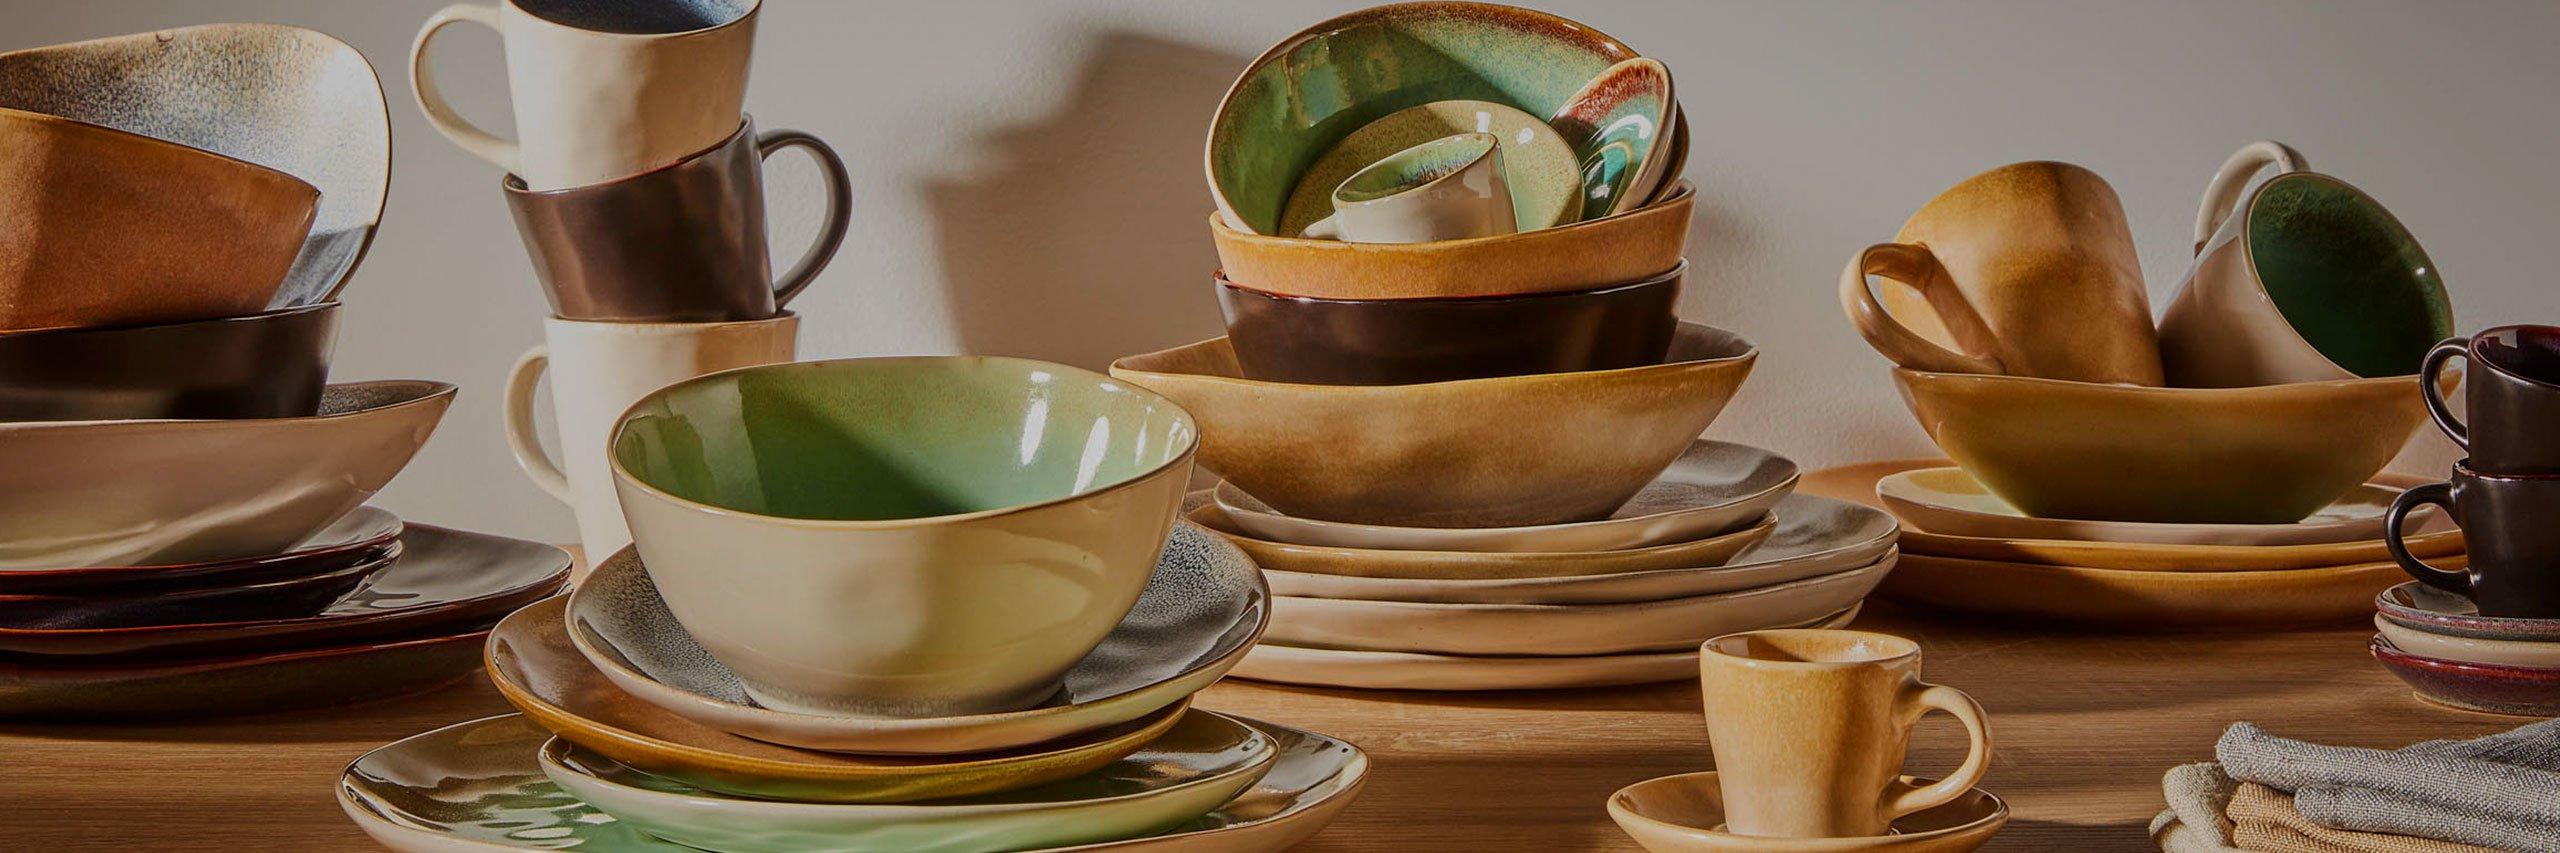 accesorios-decoracion-cocina-kavehome.jpg